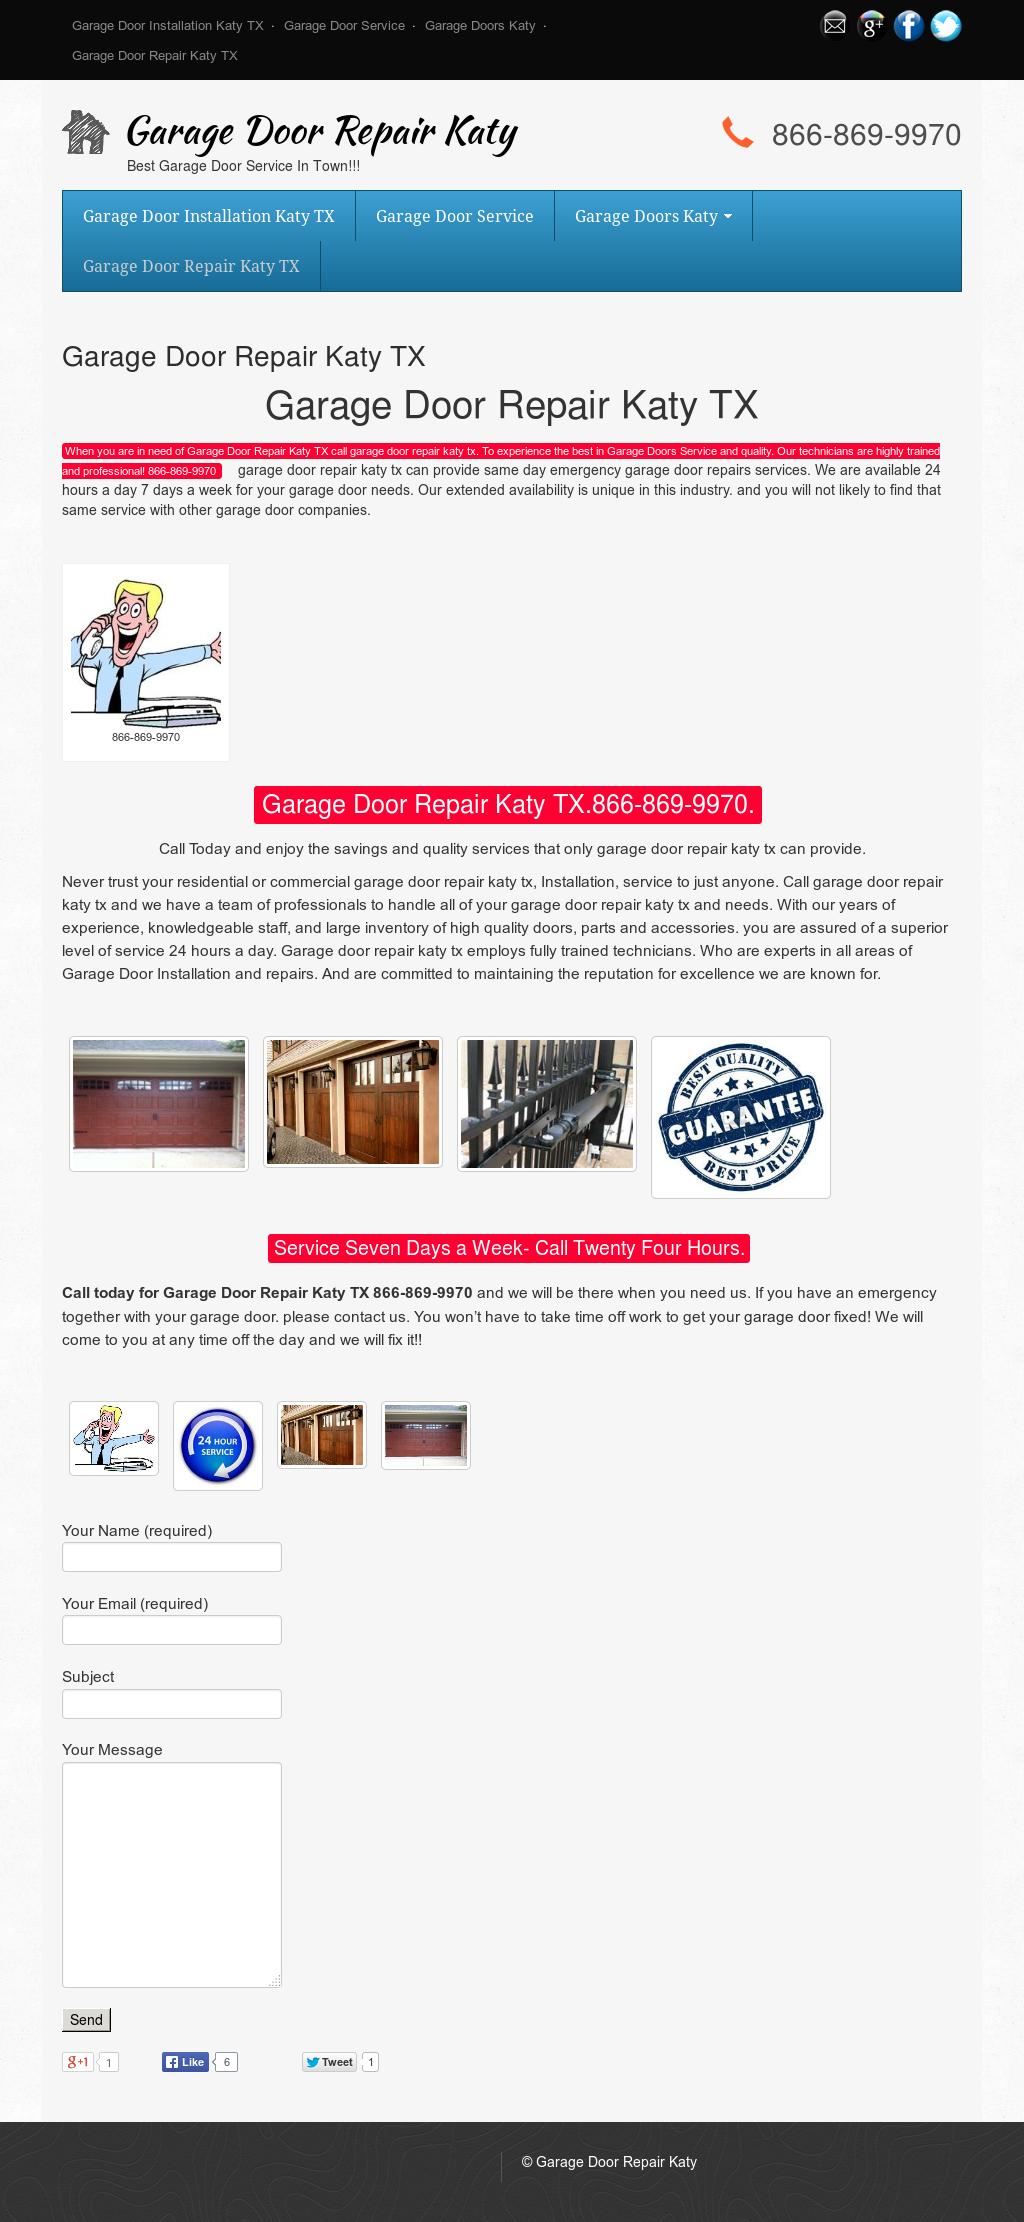 Garage Door Repair Katy Website History